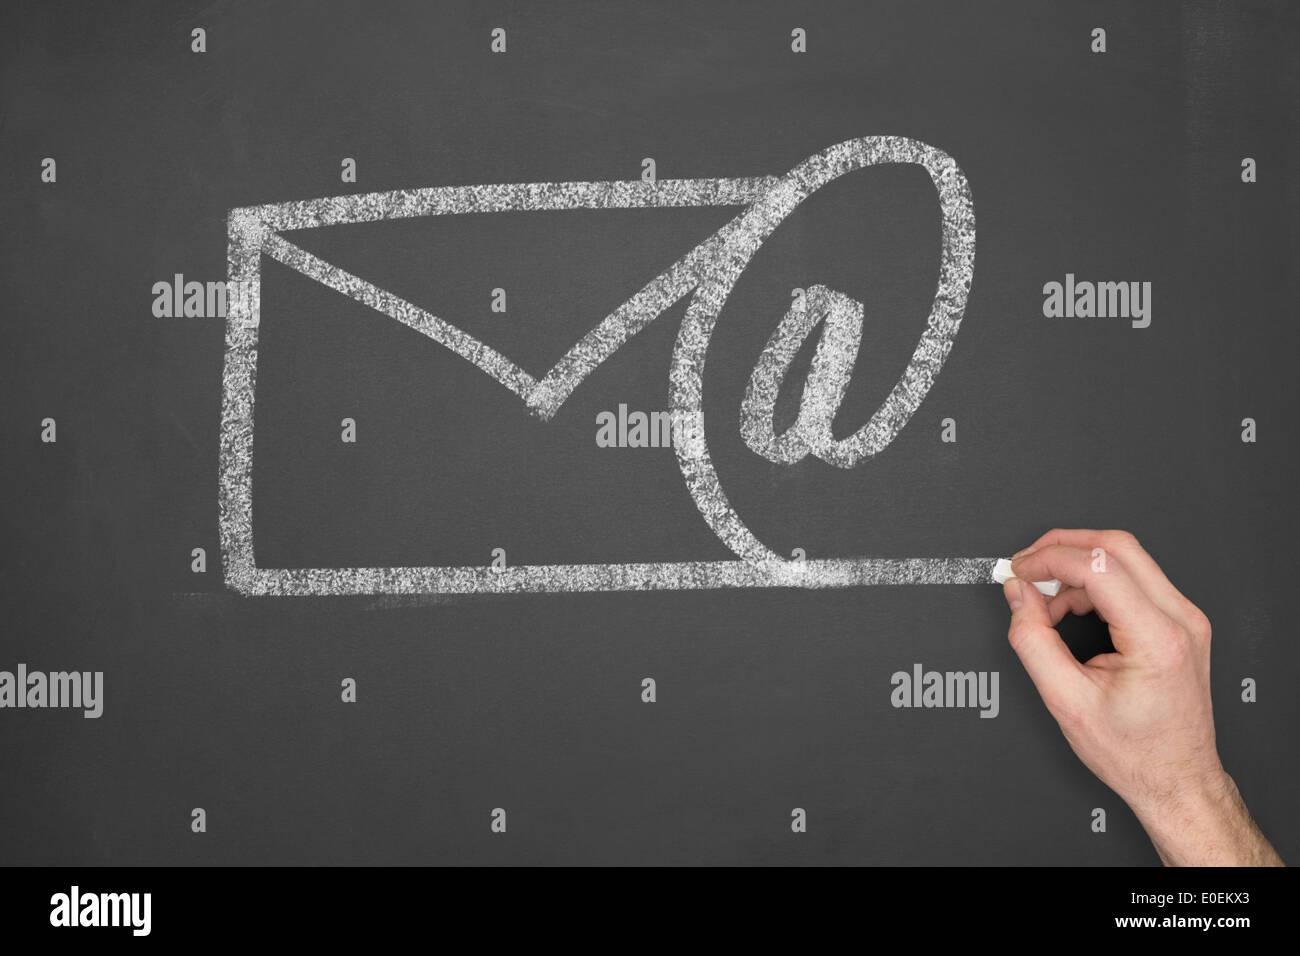 Un homme d'affaires l'élaboration d'un e-mail sur un tableau. Photo Stock